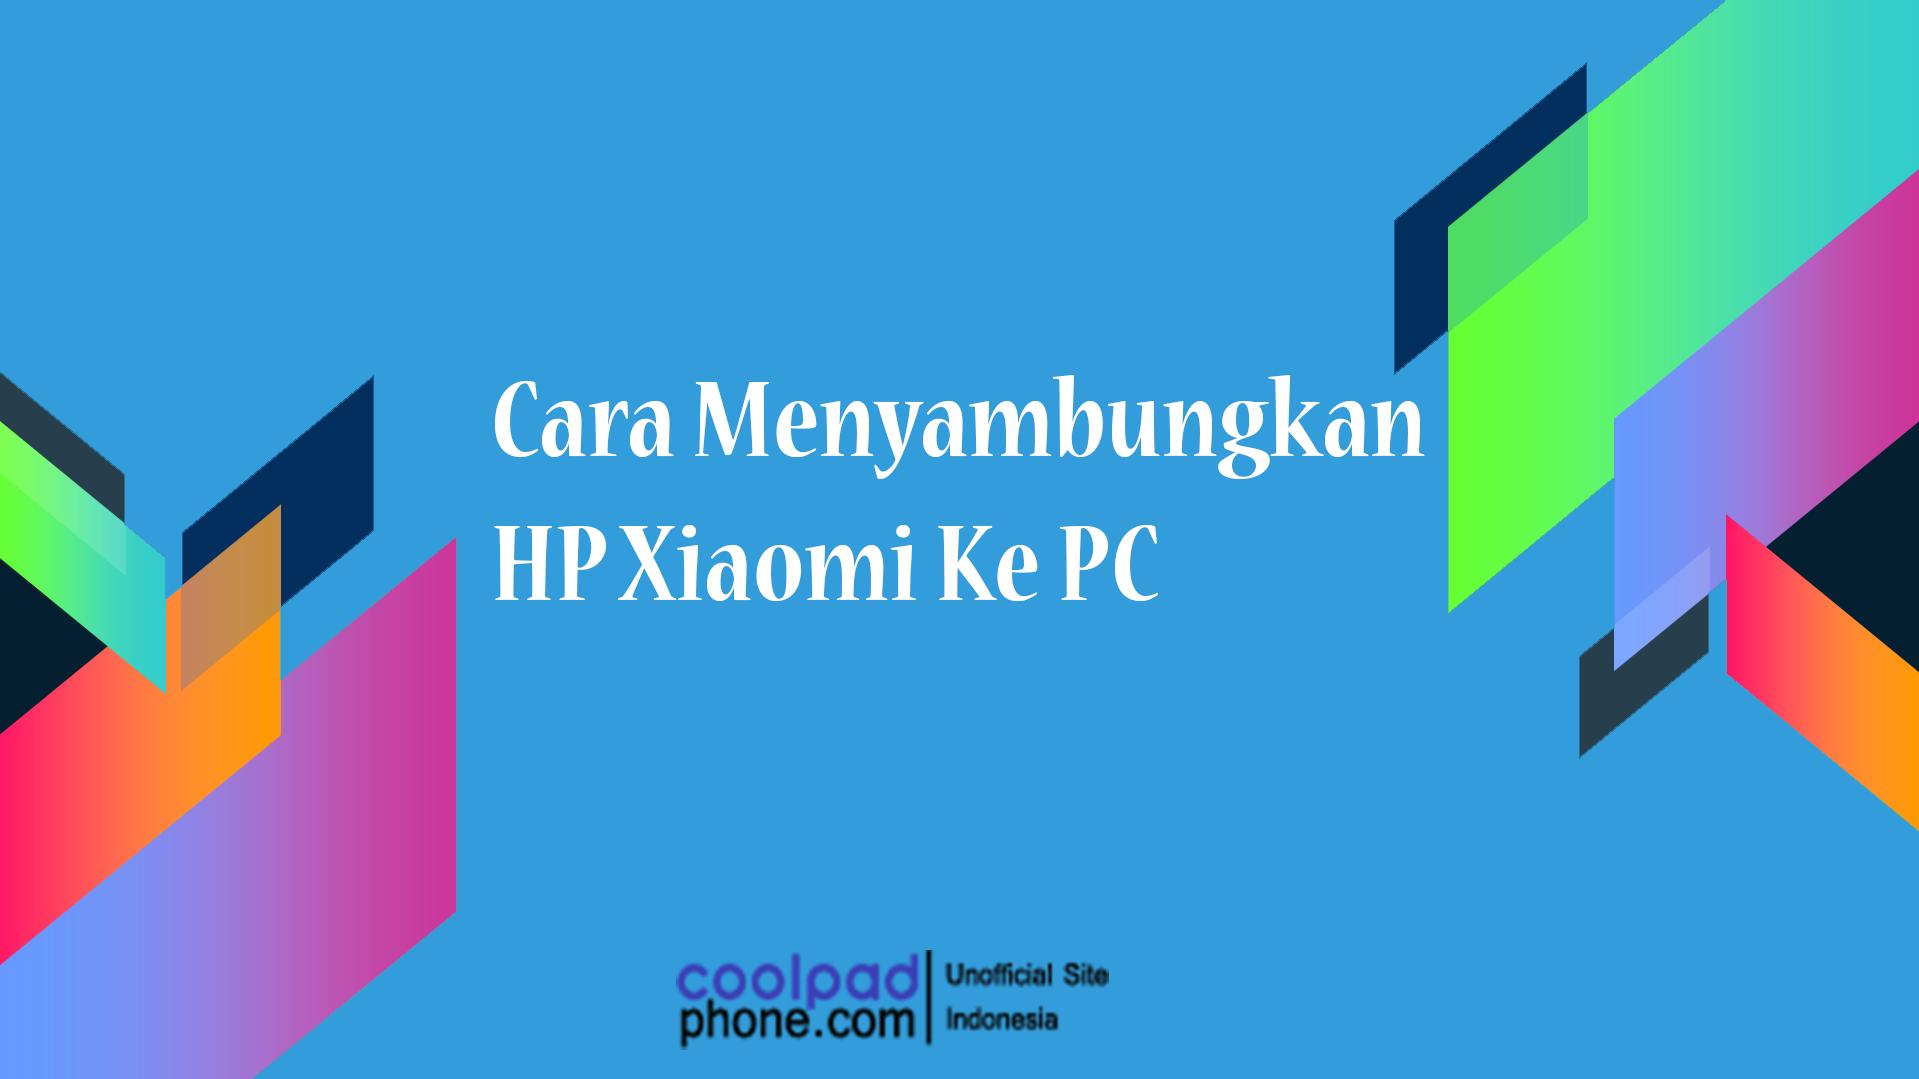 Cara Menyambungkan HP Xiaomi Ke PC